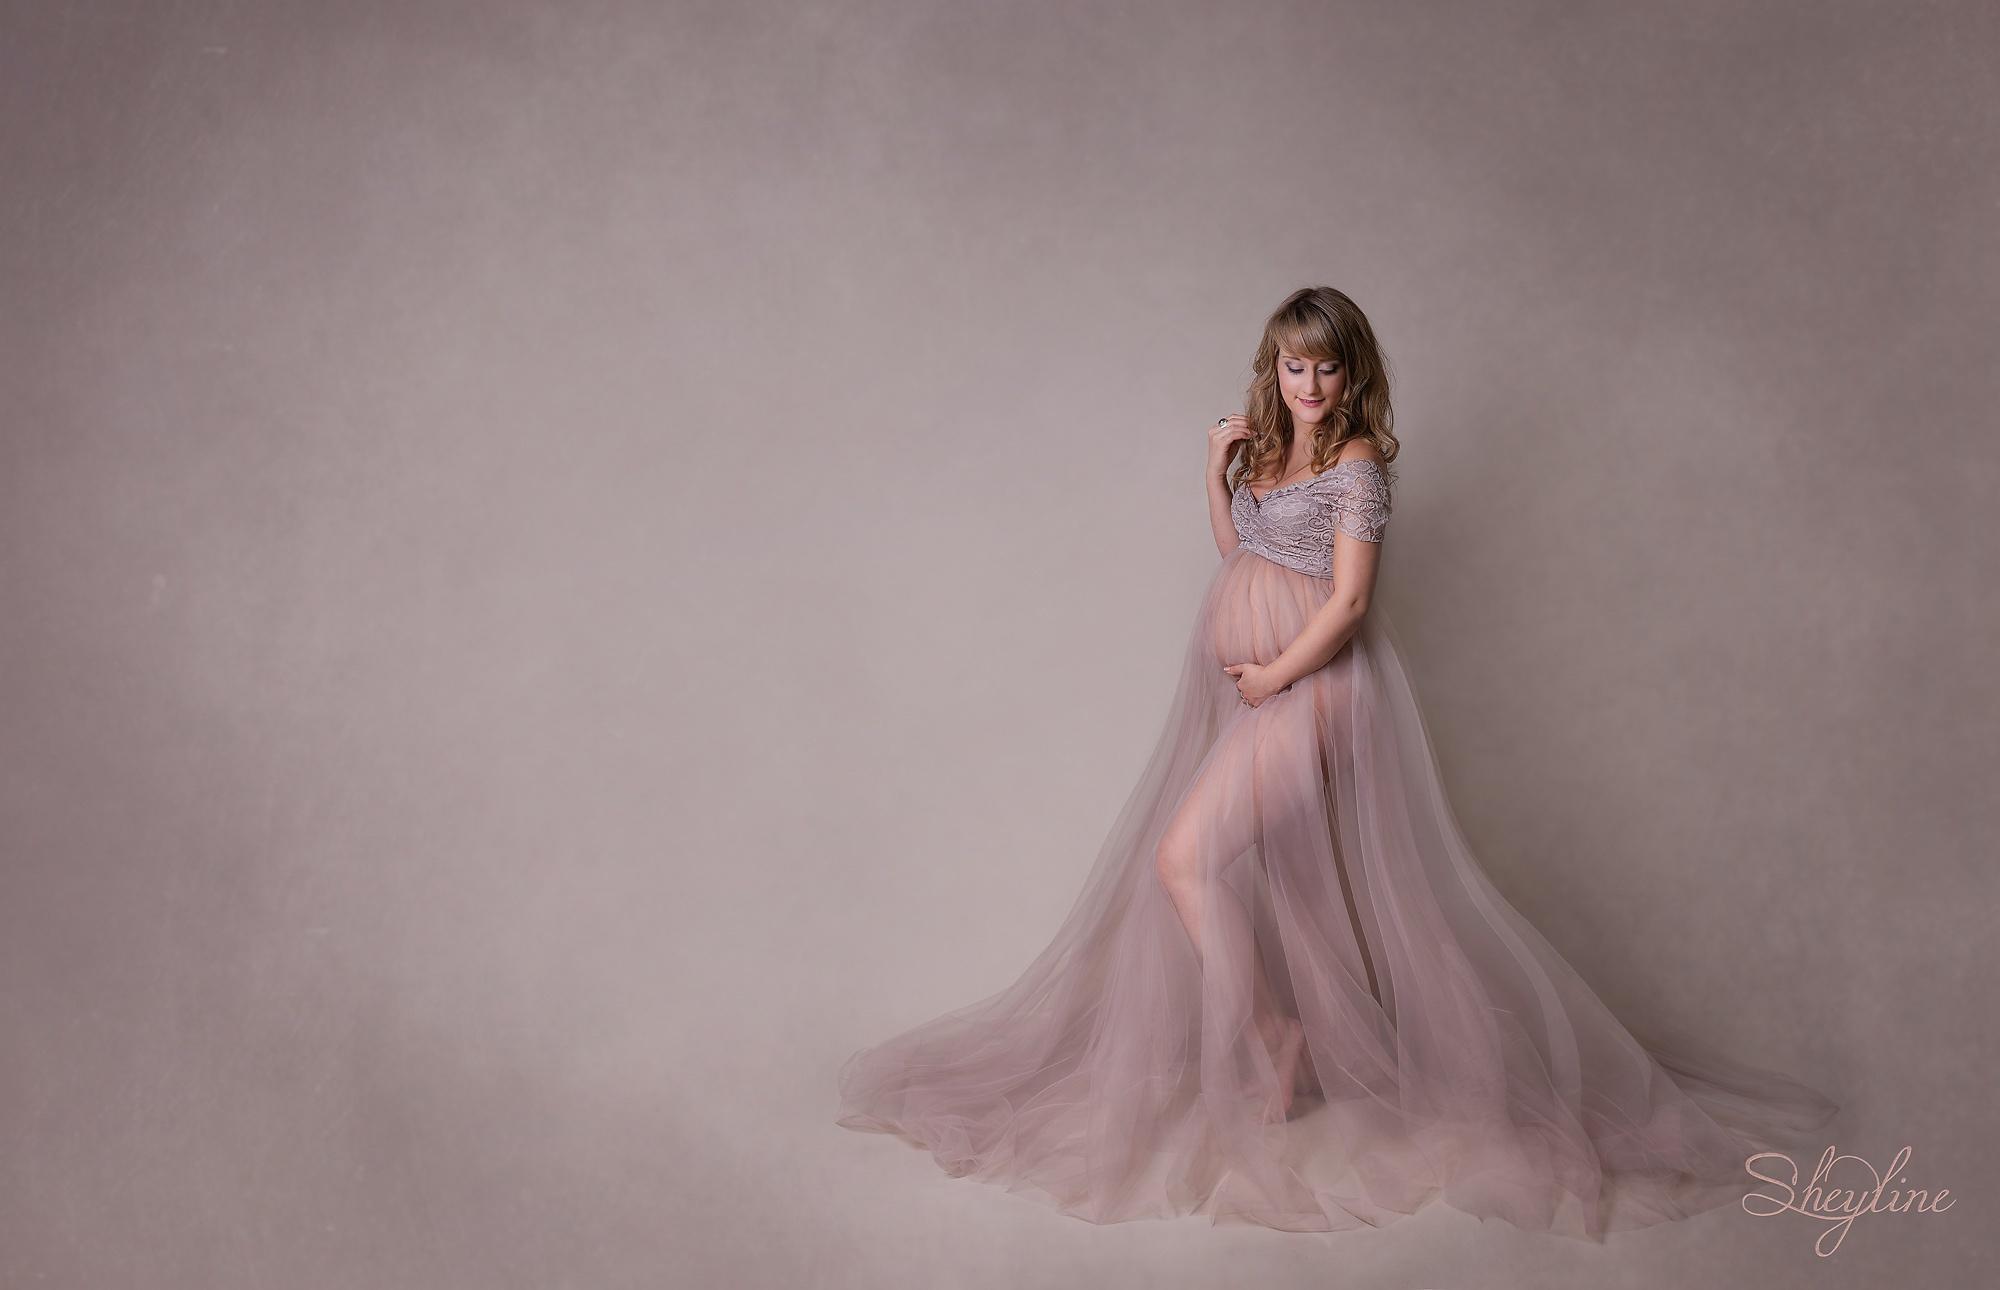 Photographe nouveau né bébé enfant famille poitiers 86 vienne sheyline photography